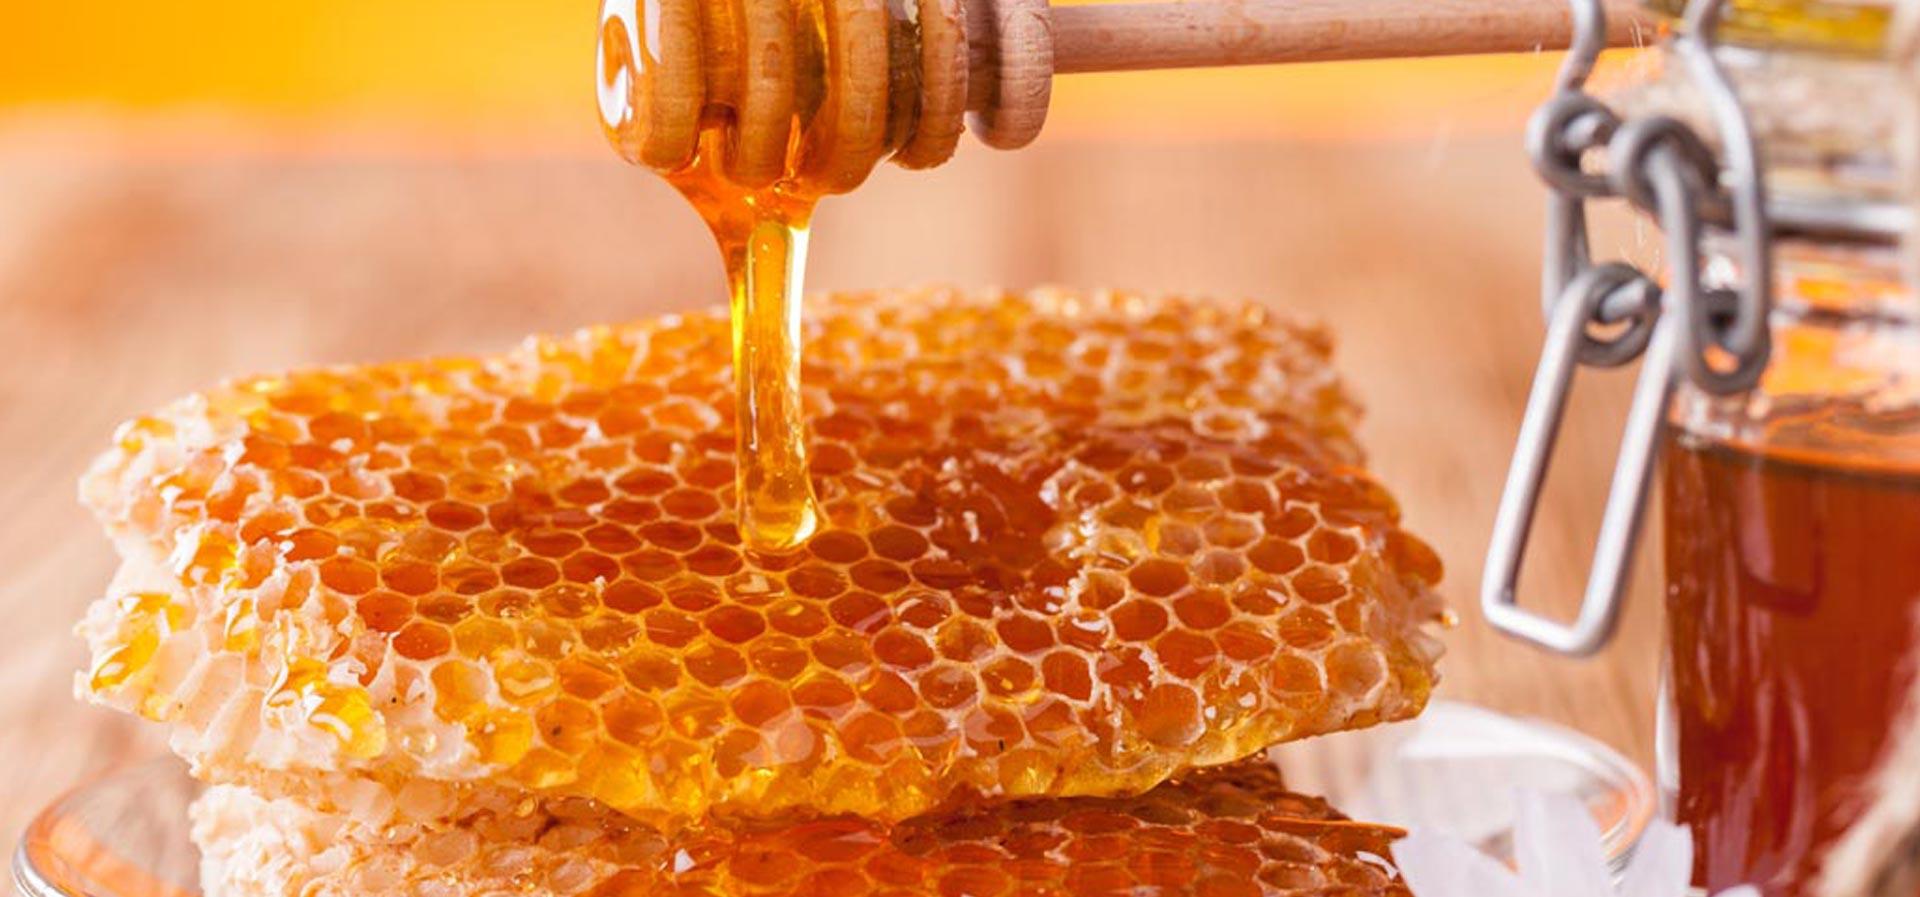 راهکاری ساده برای درمان مشکلات معده/ شربتهایی برای فرار از بیماری و تشنگی/ ۲ ماسک عسلی برای داشتن پوستی شفاف/ چند داروی قوی و حانگی برای درمان آفت